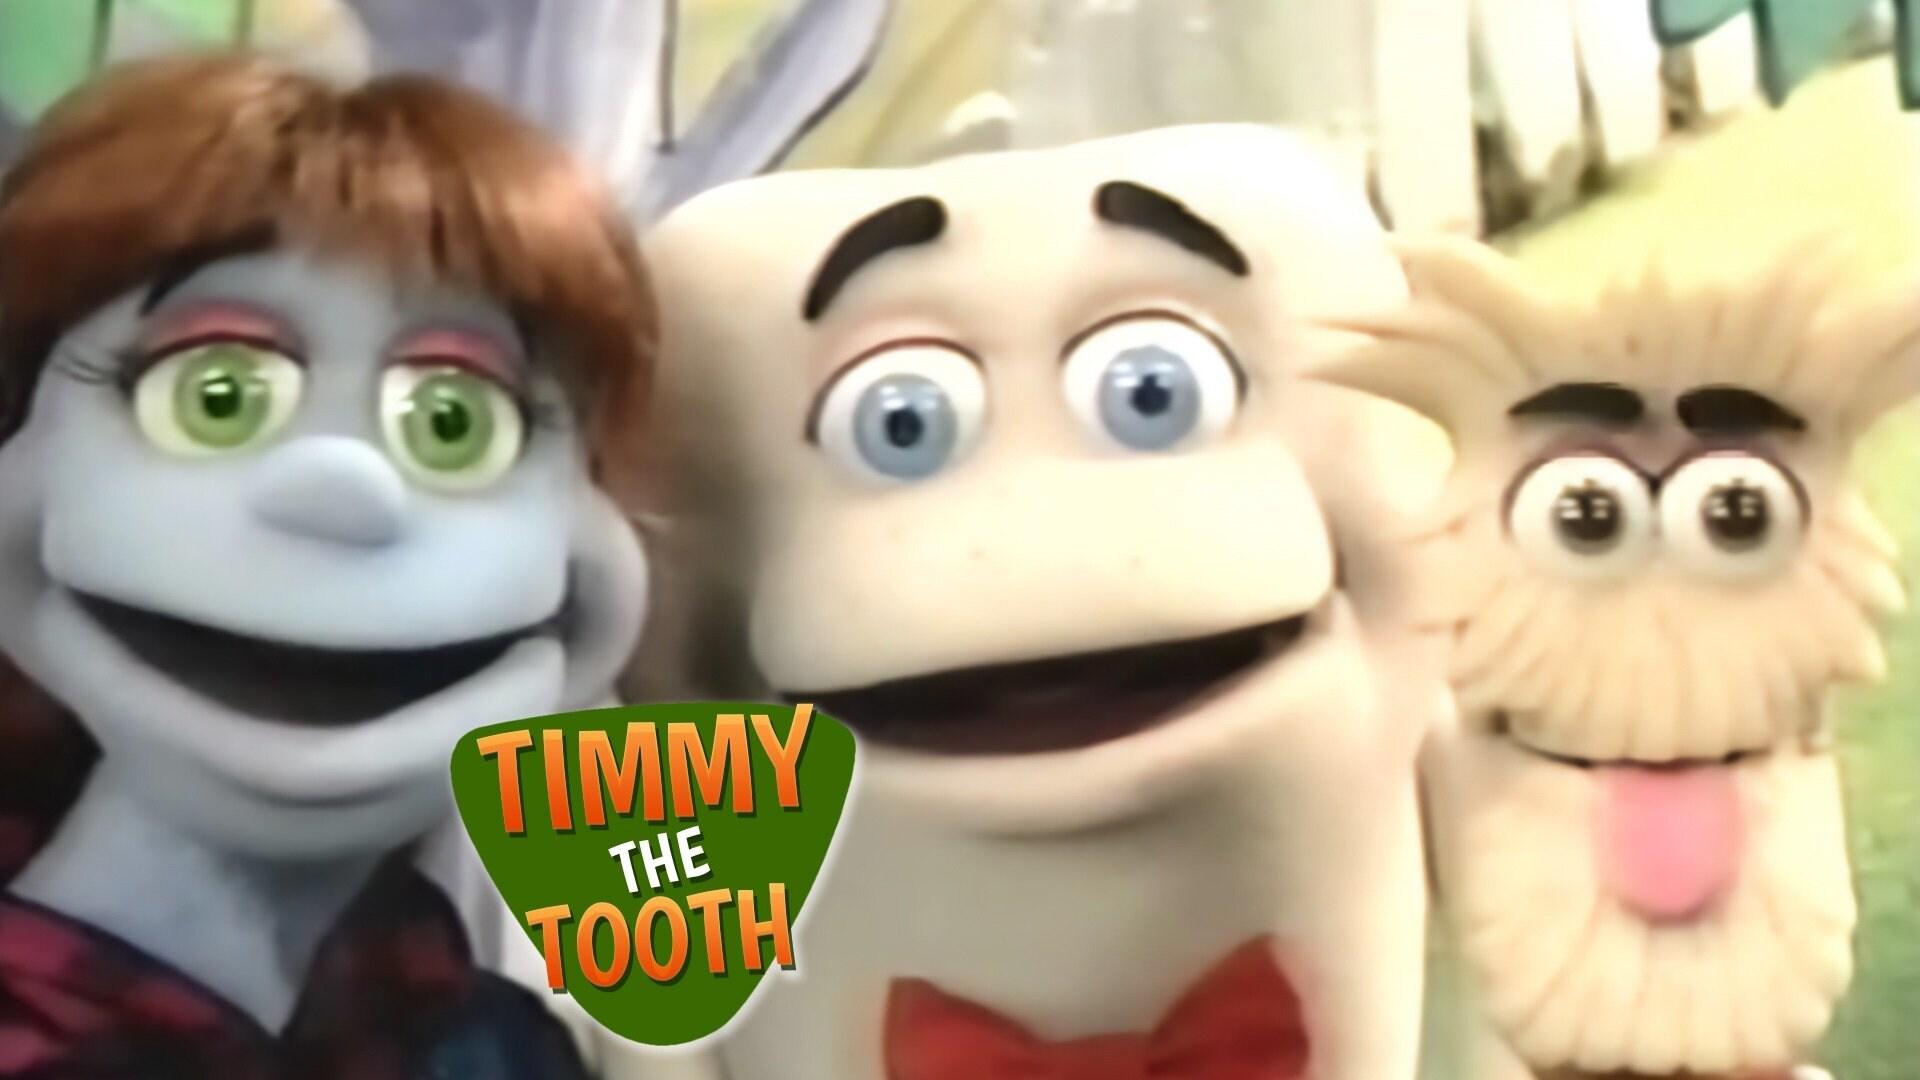 Malibu Timmy